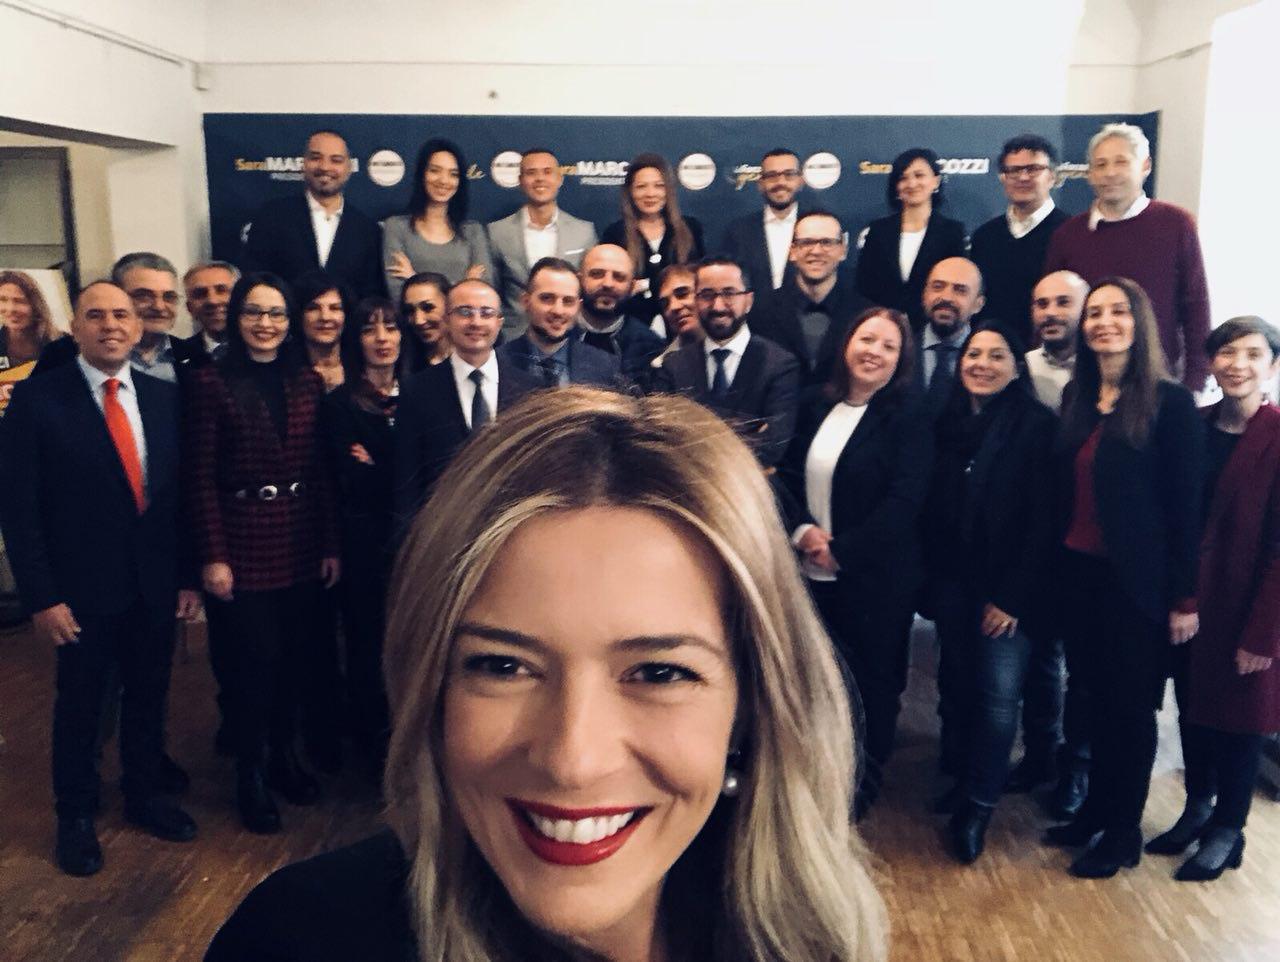 Sara Marcozzi presenta la squadra del M5s con cui realizzerà il programma per l'Abruzzo